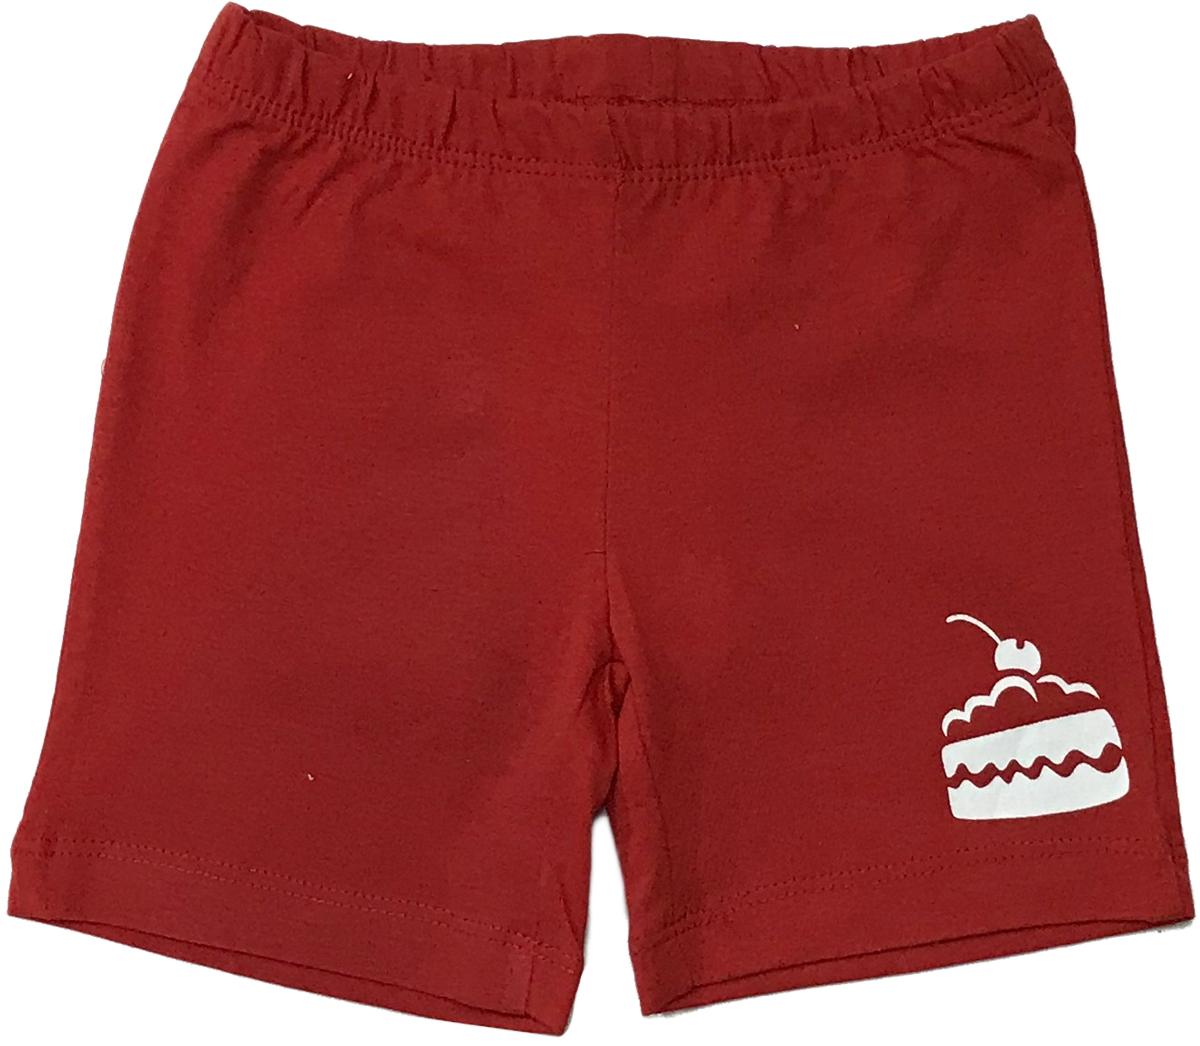 Шорты для девочки Arge Fashion, цвет: красный. УЗТ-ШД-001-4. Размер 122УЗТ-ШД-001-4